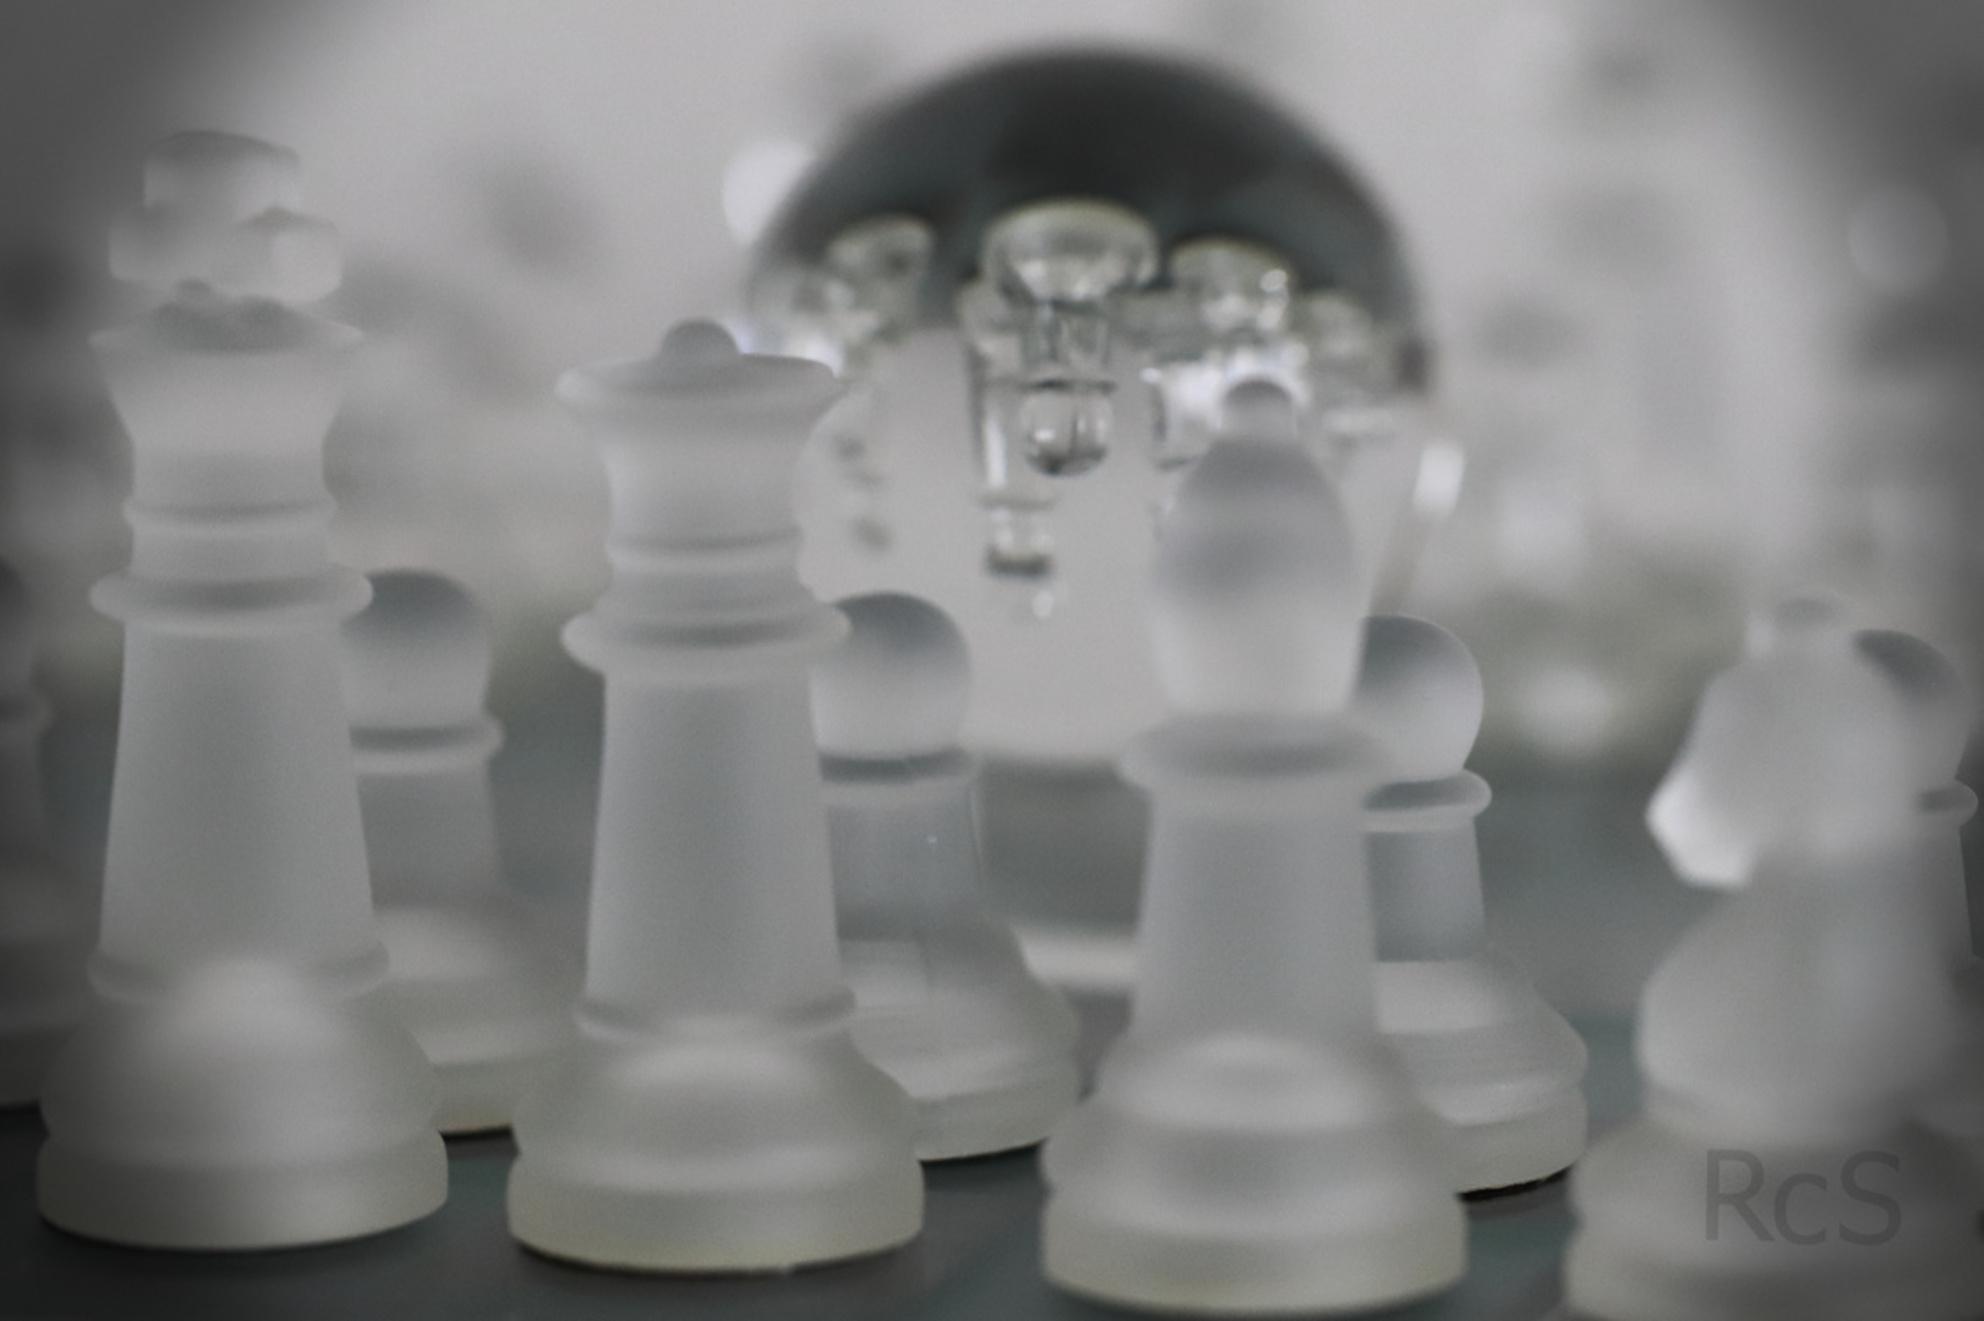 Chess 2 - Schaak met glazen bol - foto door RcS op 04-02-2018 - deze foto bevat: schaak, glazen bol